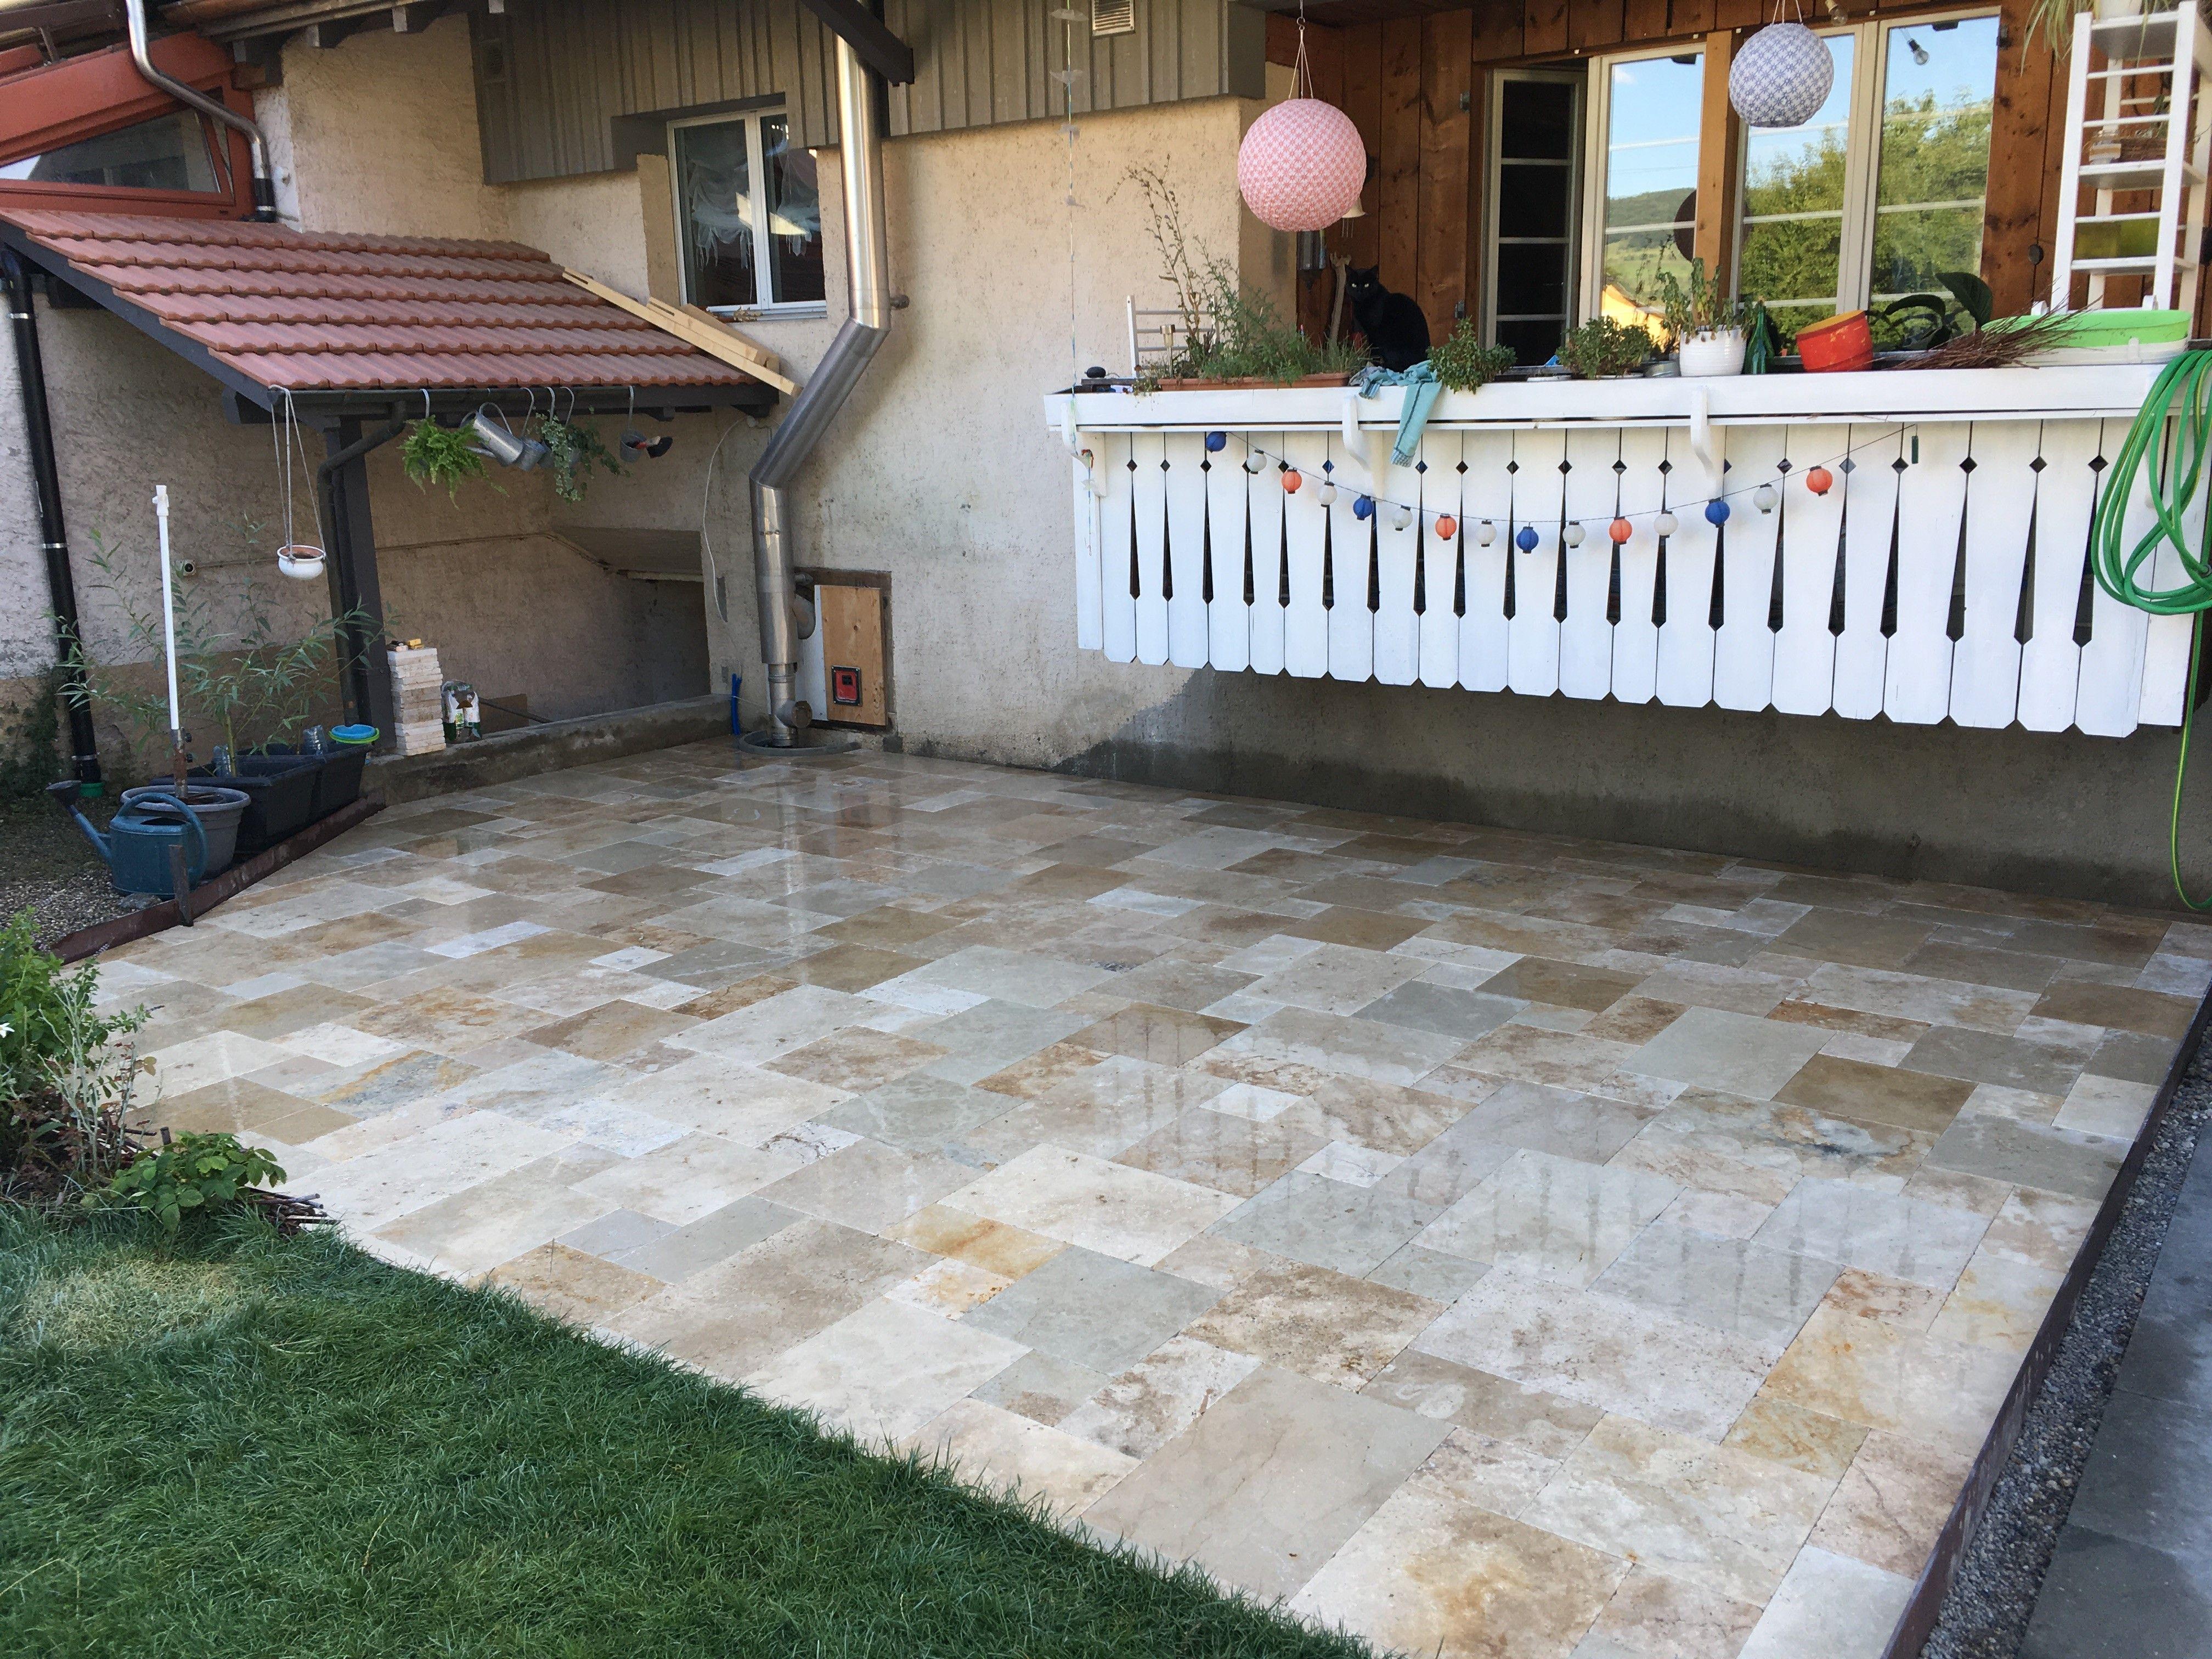 Travertin Terrassenplatten Mit Schonen Warmen Farben Fur Garten Und Balkon Terrassenplatten Terrasse Garten